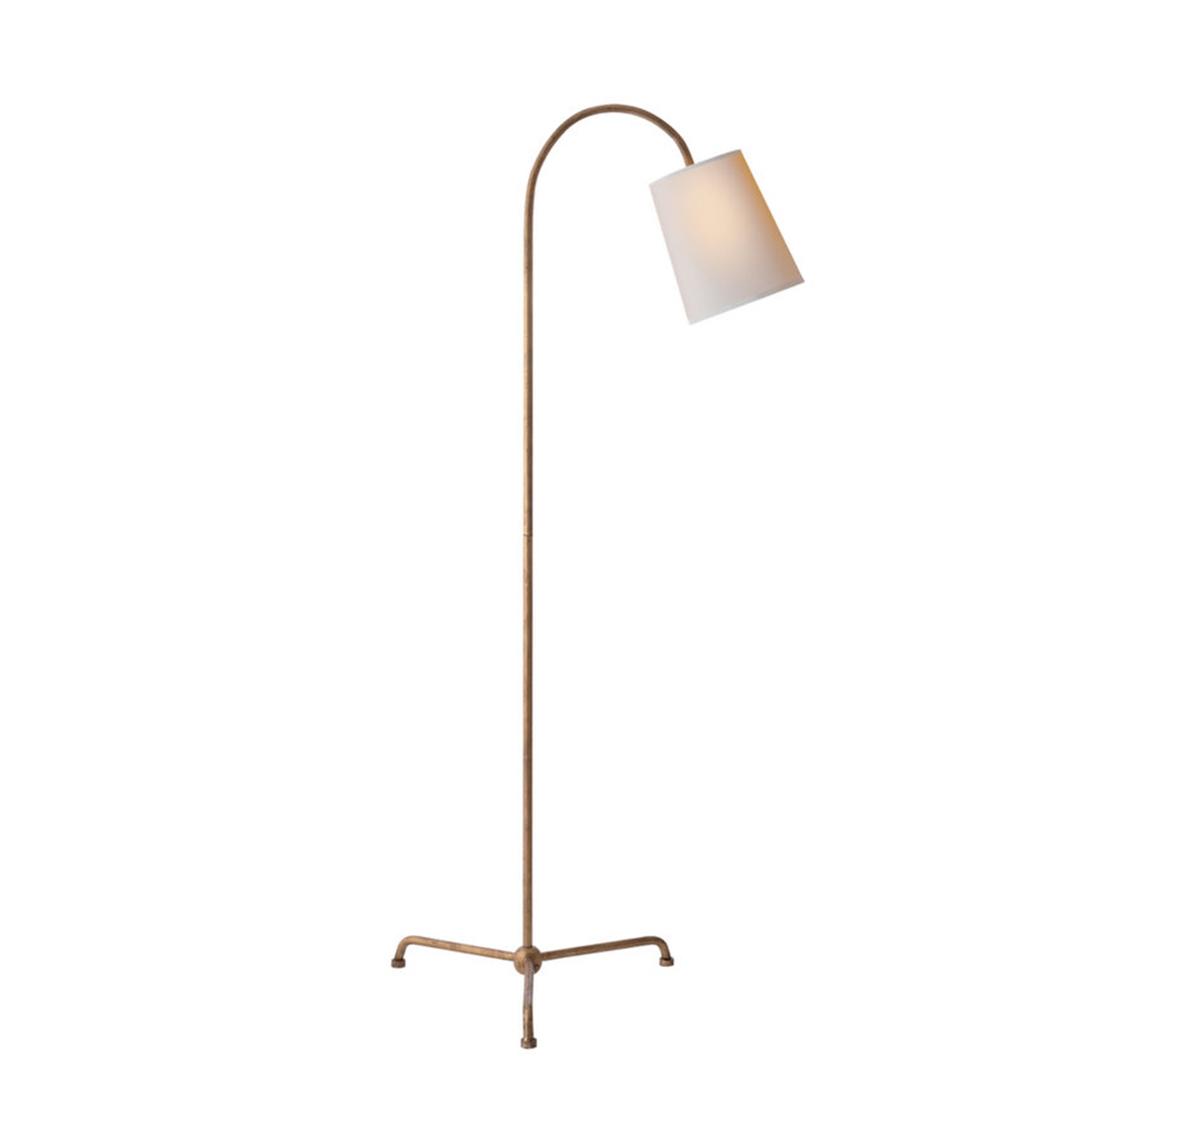 Gooseneck Floor Lamp